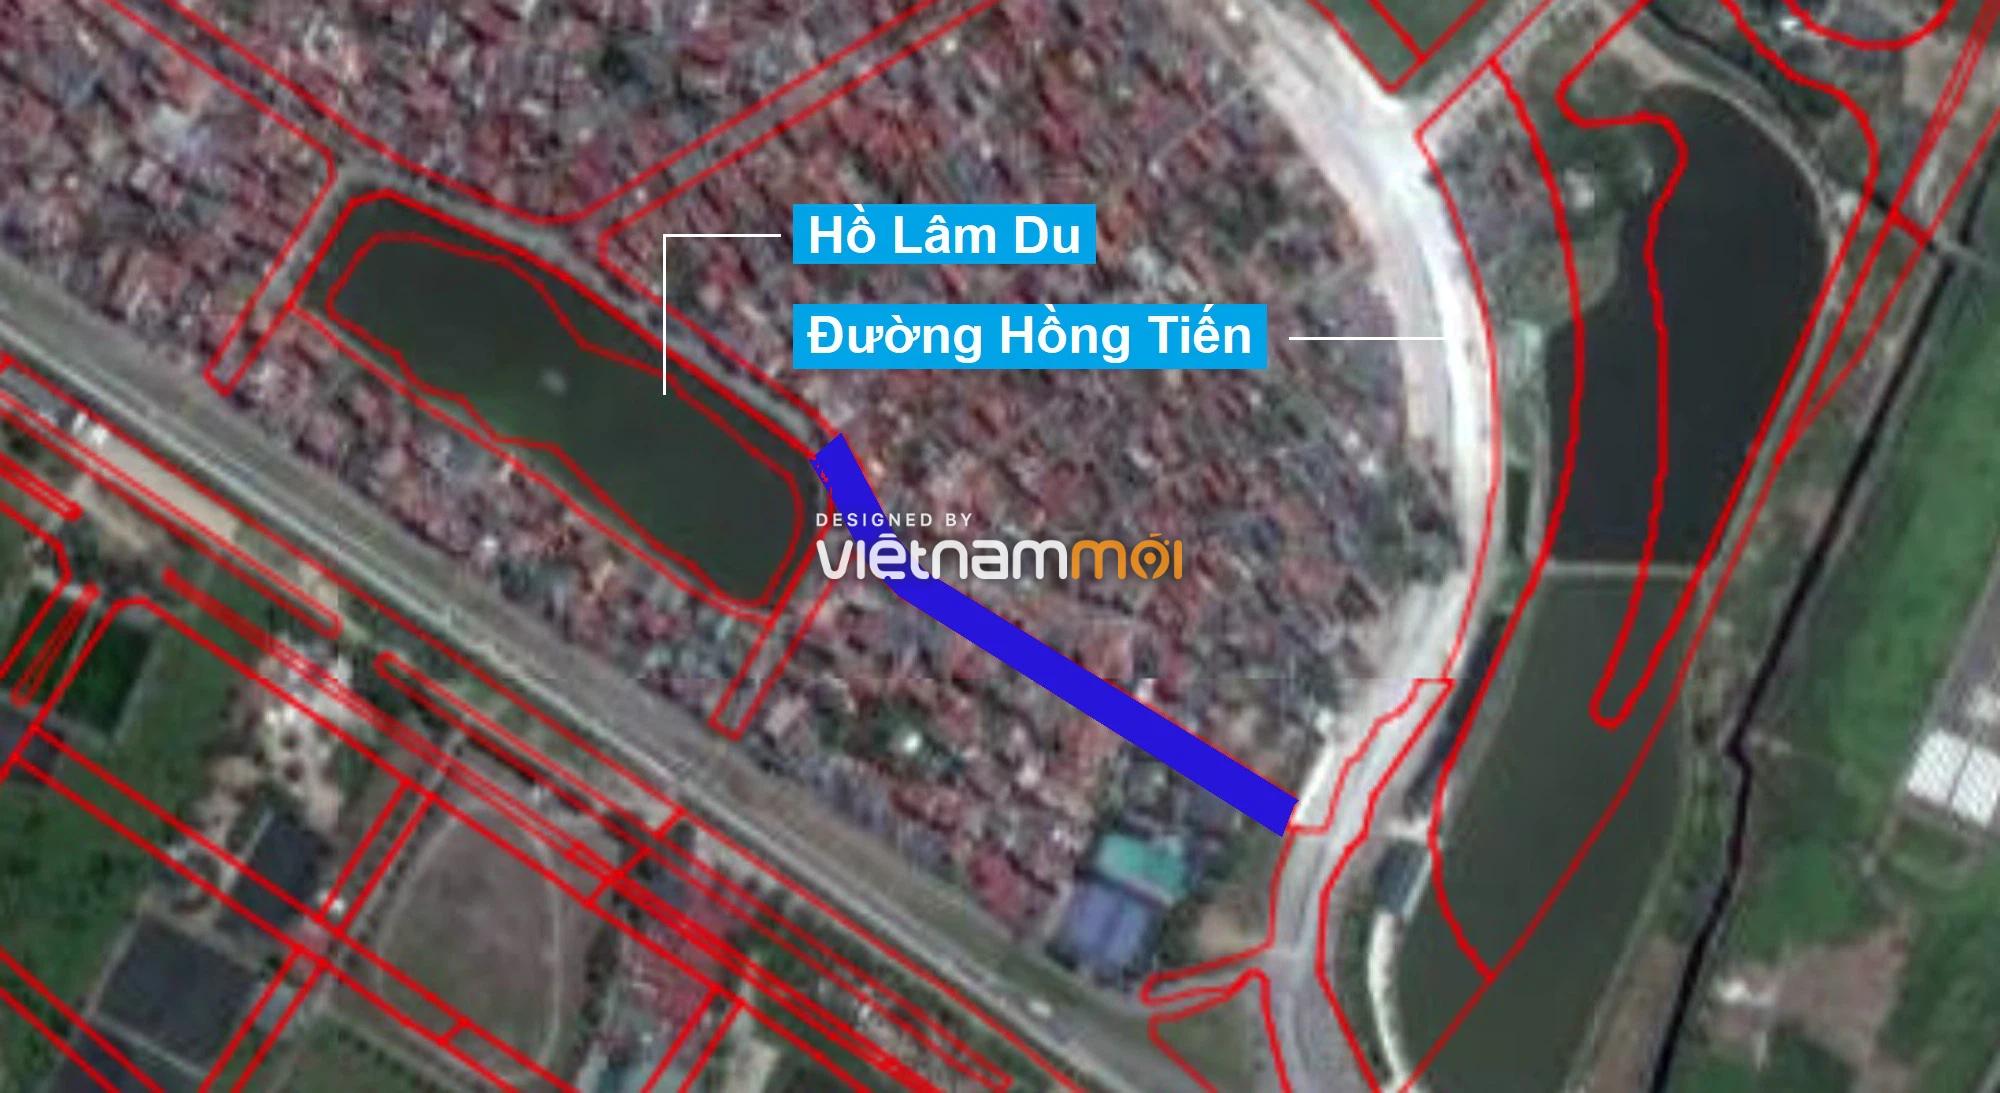 Những khu đất sắp thu hồi để mở đường ở phường Bồ Đề, Long Biên, Hà Nội (phần 1) - Ảnh 7.